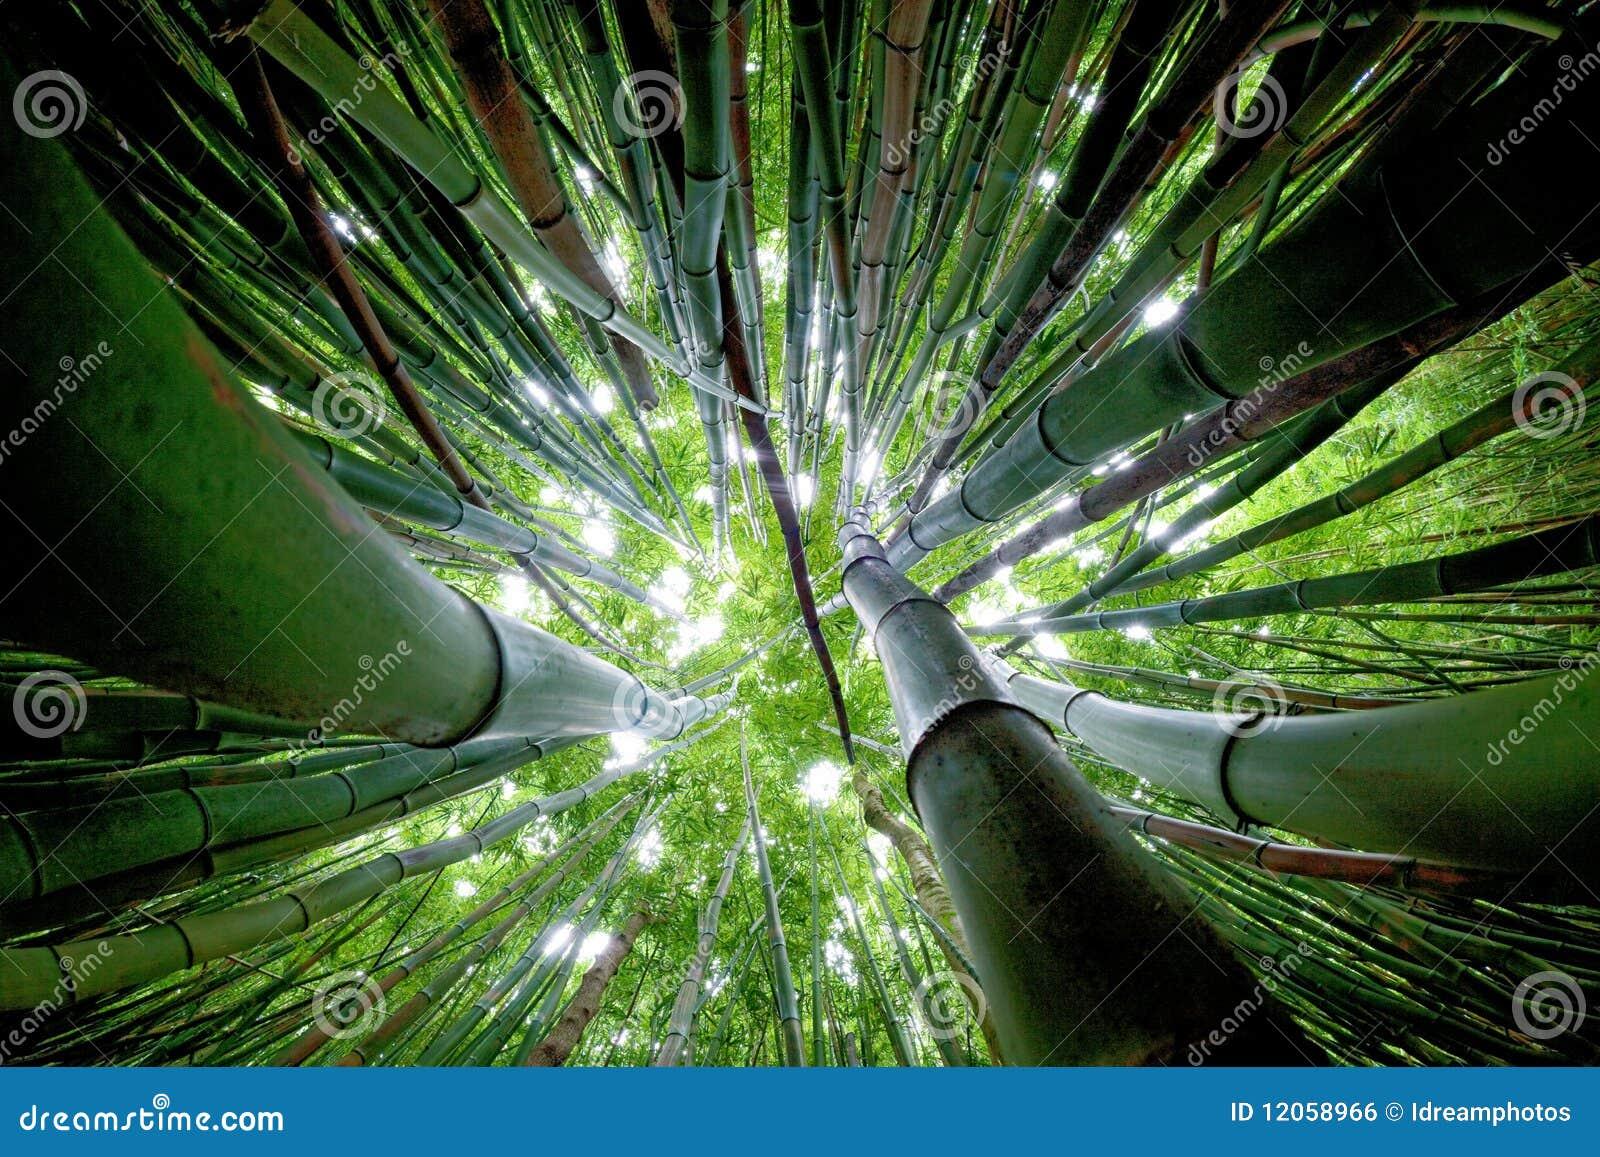 Bambuswald Maui Stockfoto Bild Von Okologie Sieben 12058966